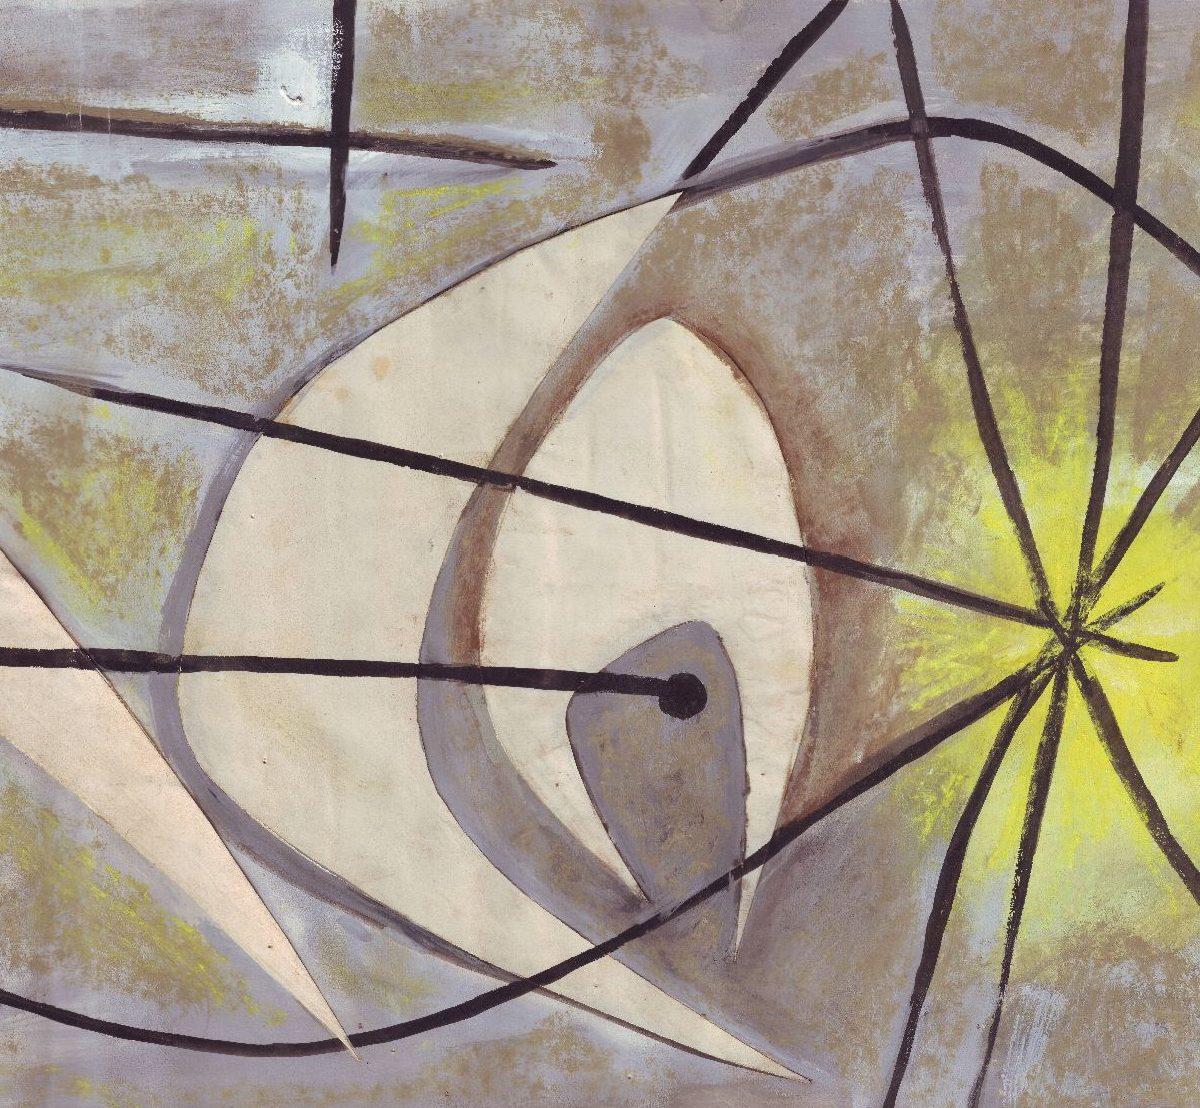 André Borderie, Projet pour un mur en céramique, c. 1950, gouache sur papier et papiers collés, 11x63 cm